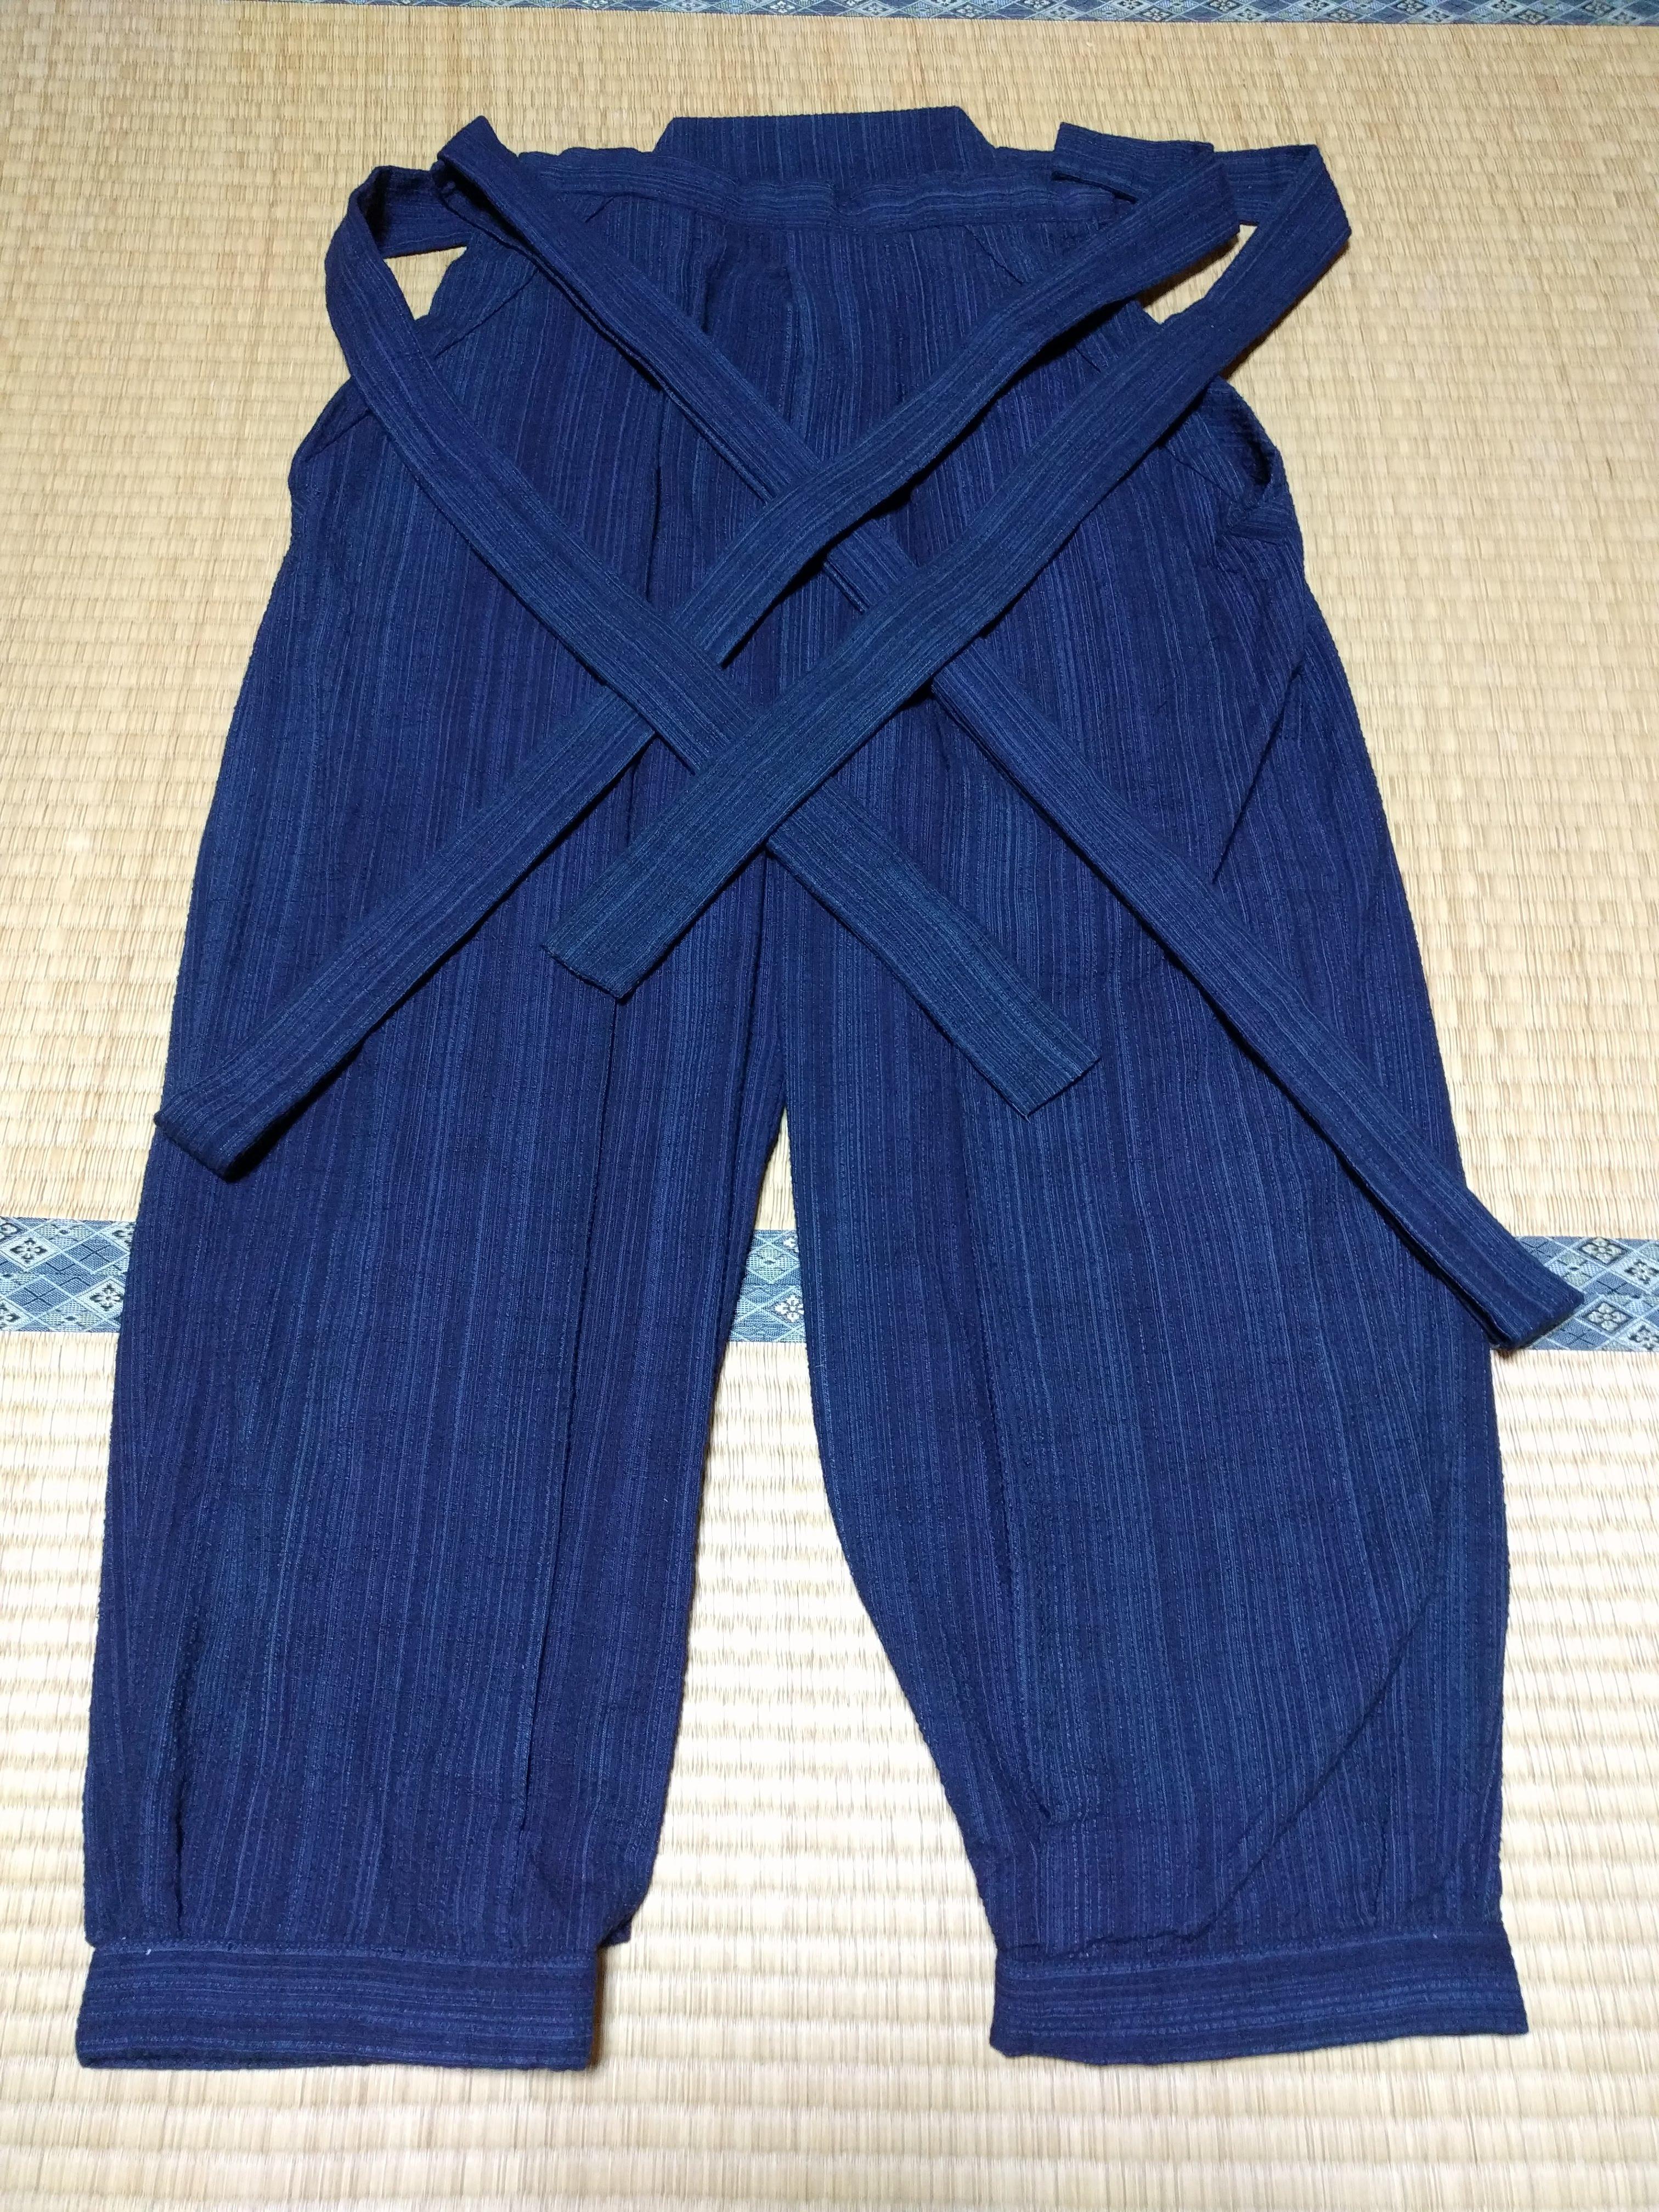 男着物,モッズ,メンズ着物,和服,和装,裏着物,袴,野袴,狐面,正面,